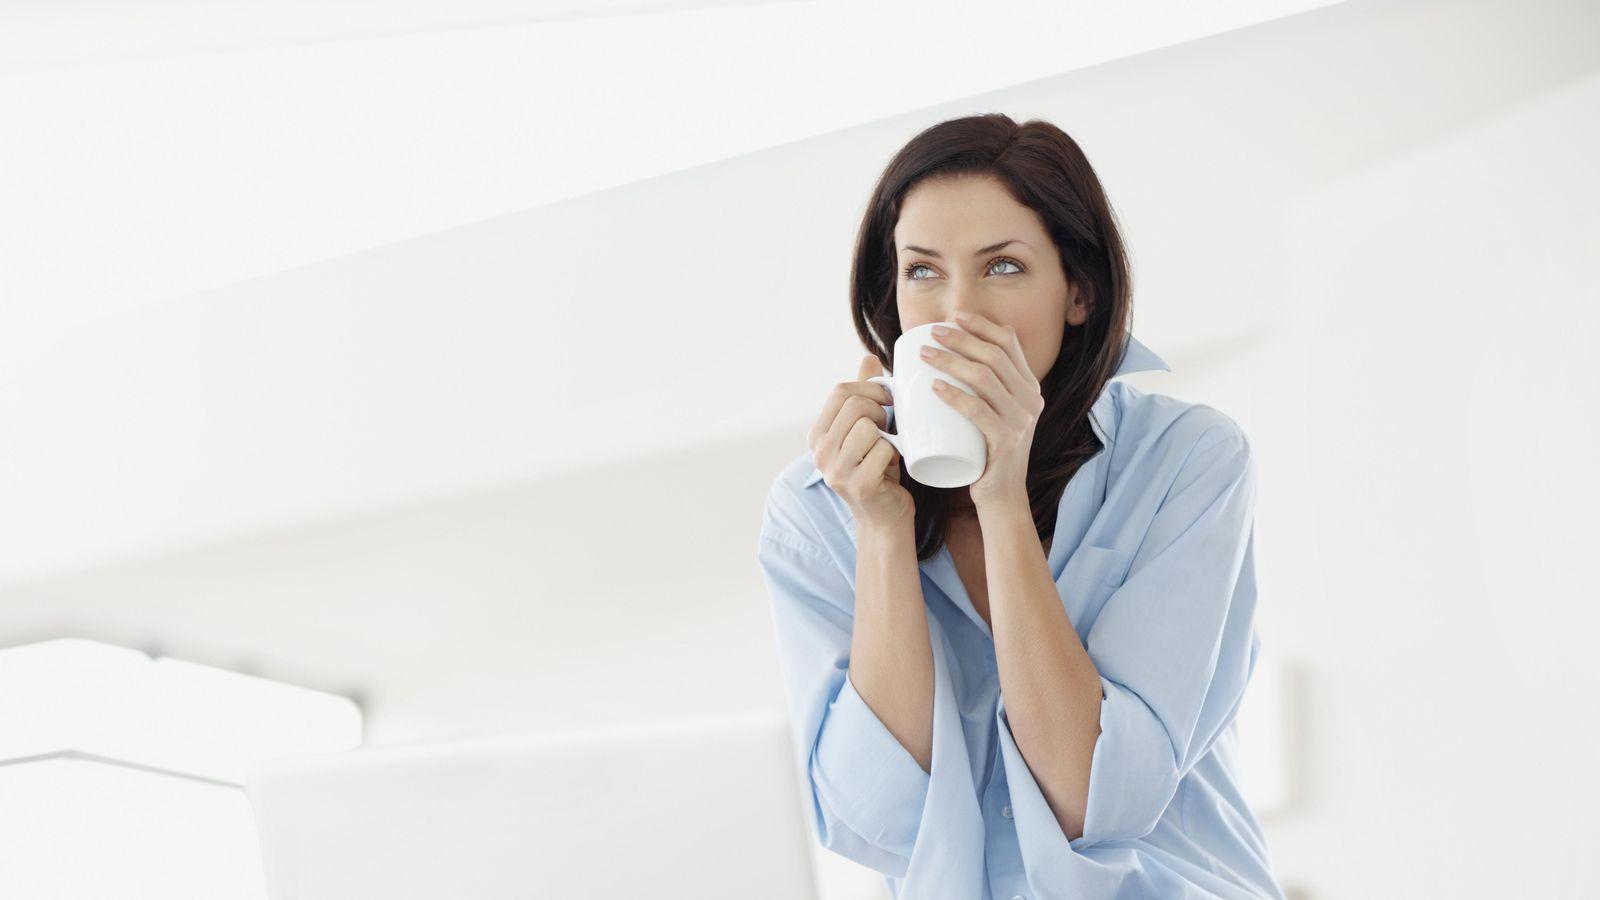 Foto: Ya. Beberla cada mañana te dará un pequeño escalofrío, pero merece la pena. (Corbis)